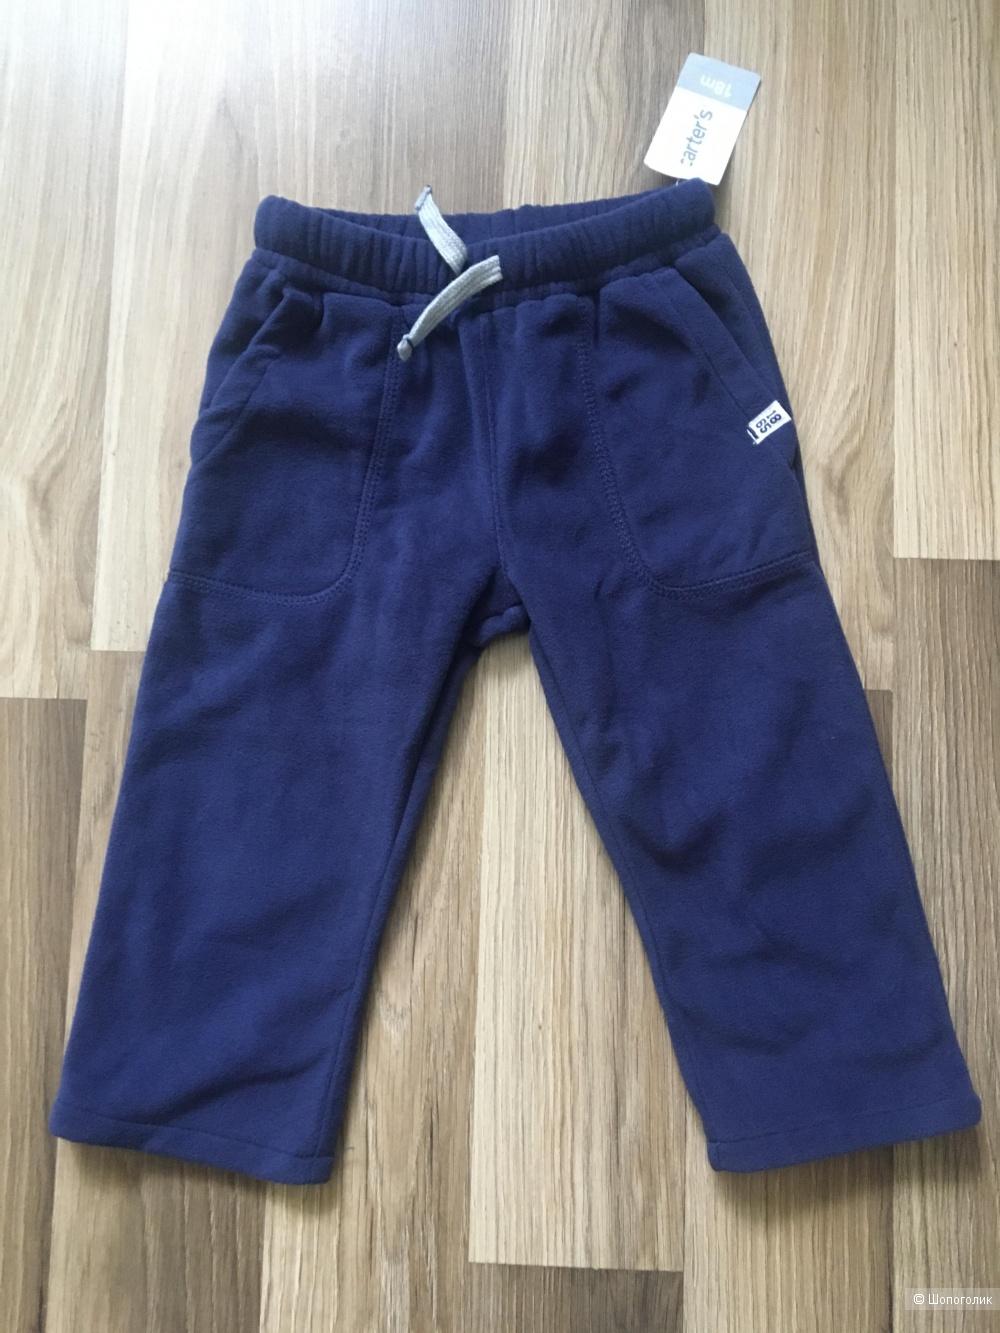 Толстовка и штаны Carters размер 18-24 месяца